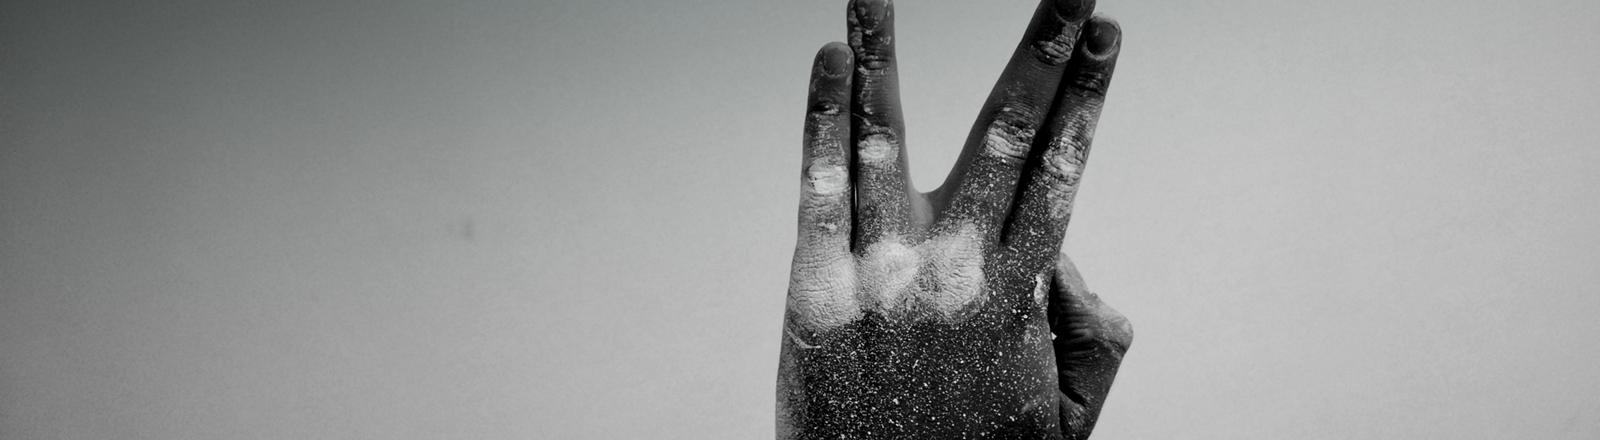 Schwarz-weiß-Foto zeigt eine Hand. Ring- und Mittelfinger sind gespreizt.